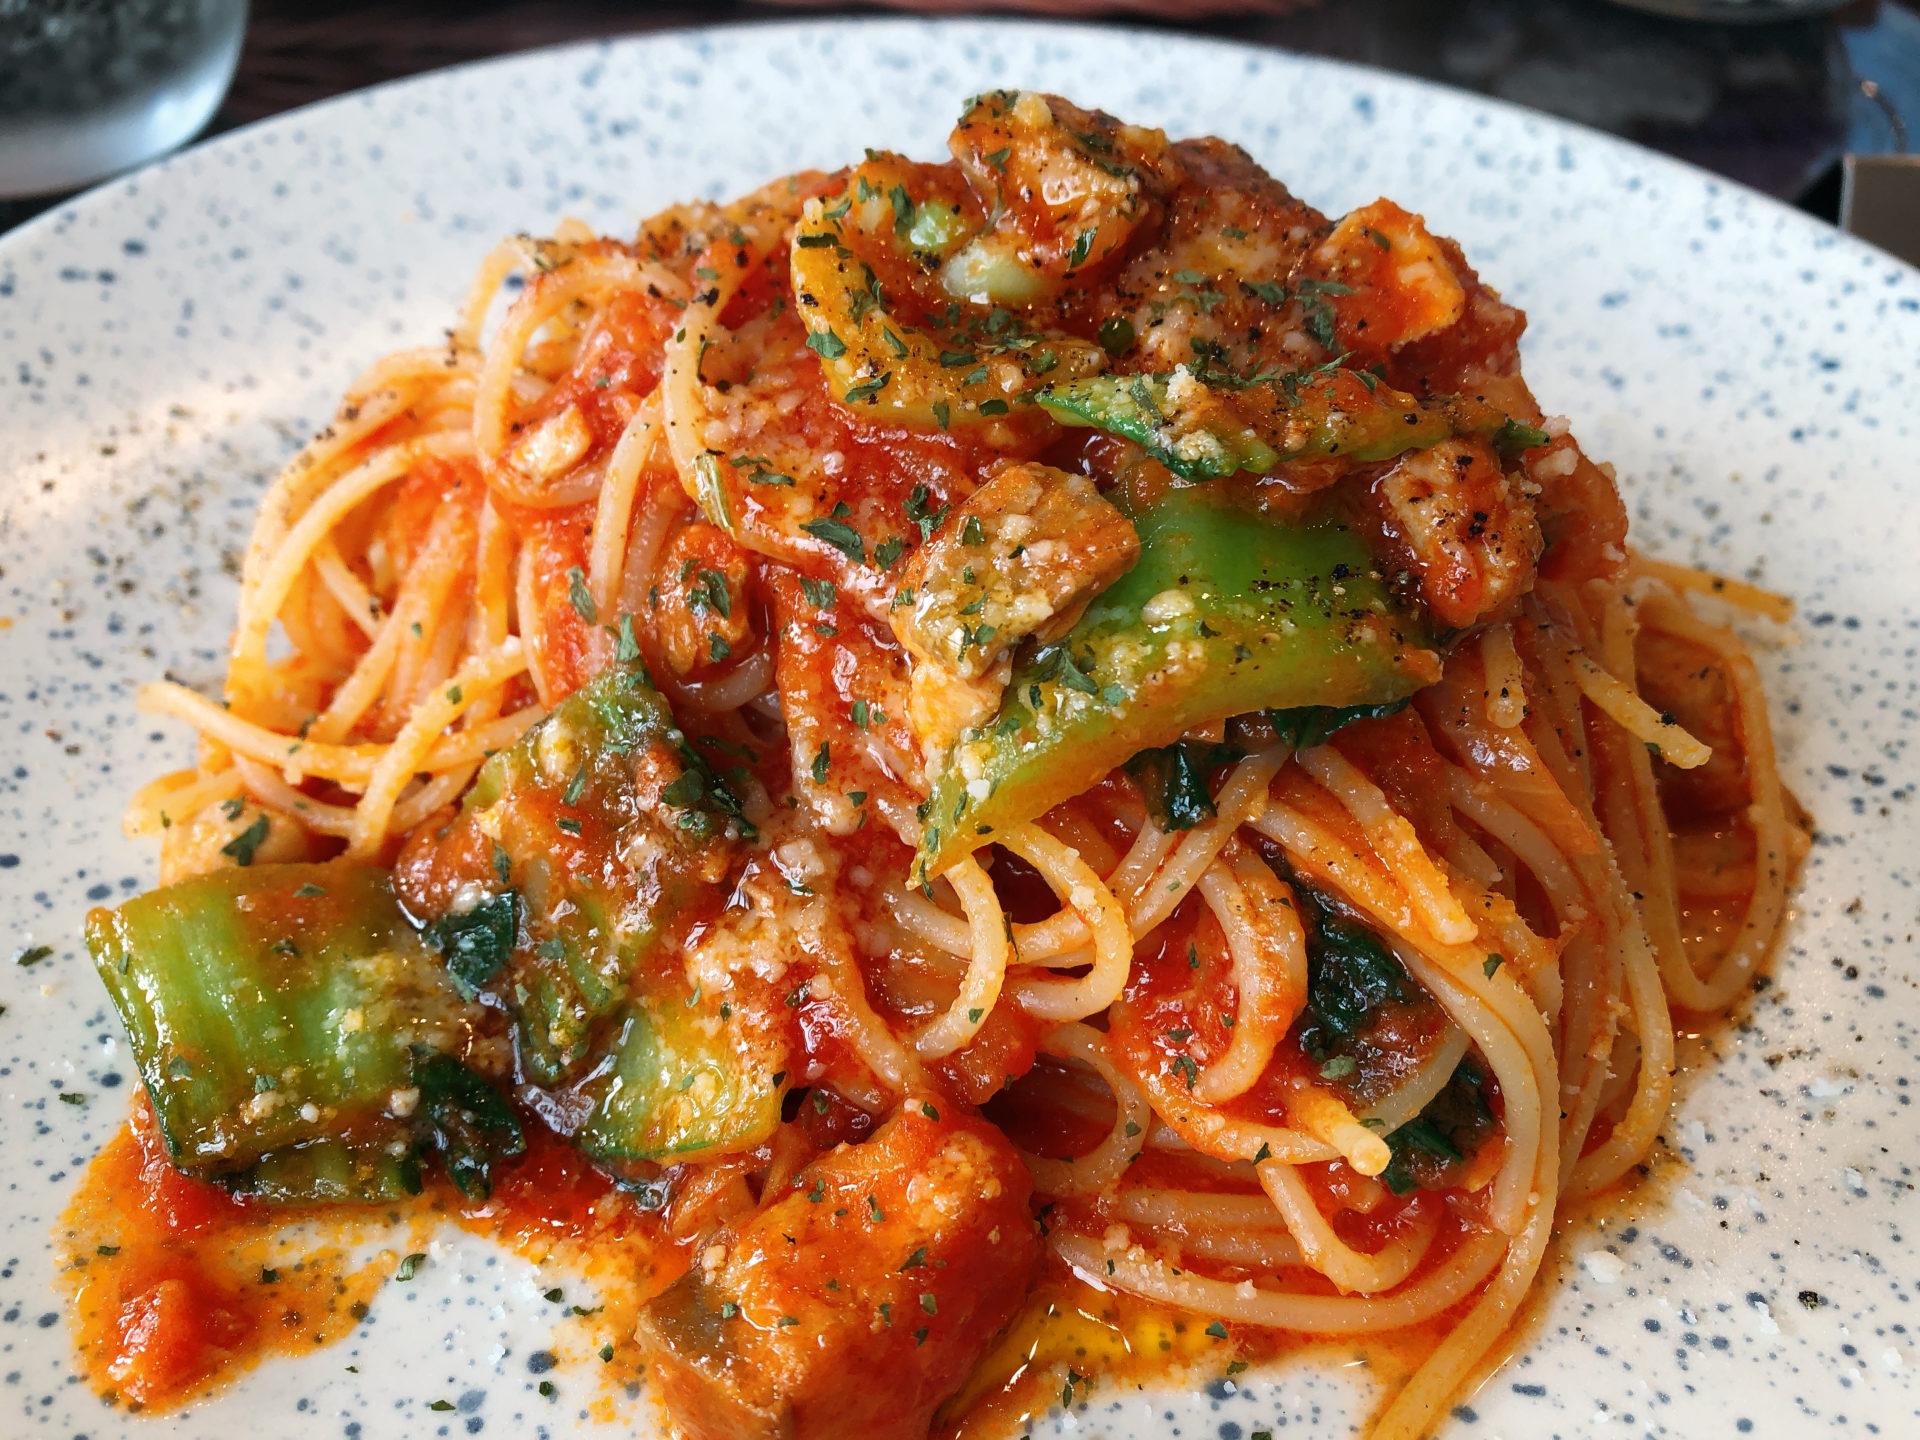 トラックターミナルの北すぐ近く イタリアンのVIGORE(ヴィゴーレ)は、噂通りパスタとピザのランチが大人気